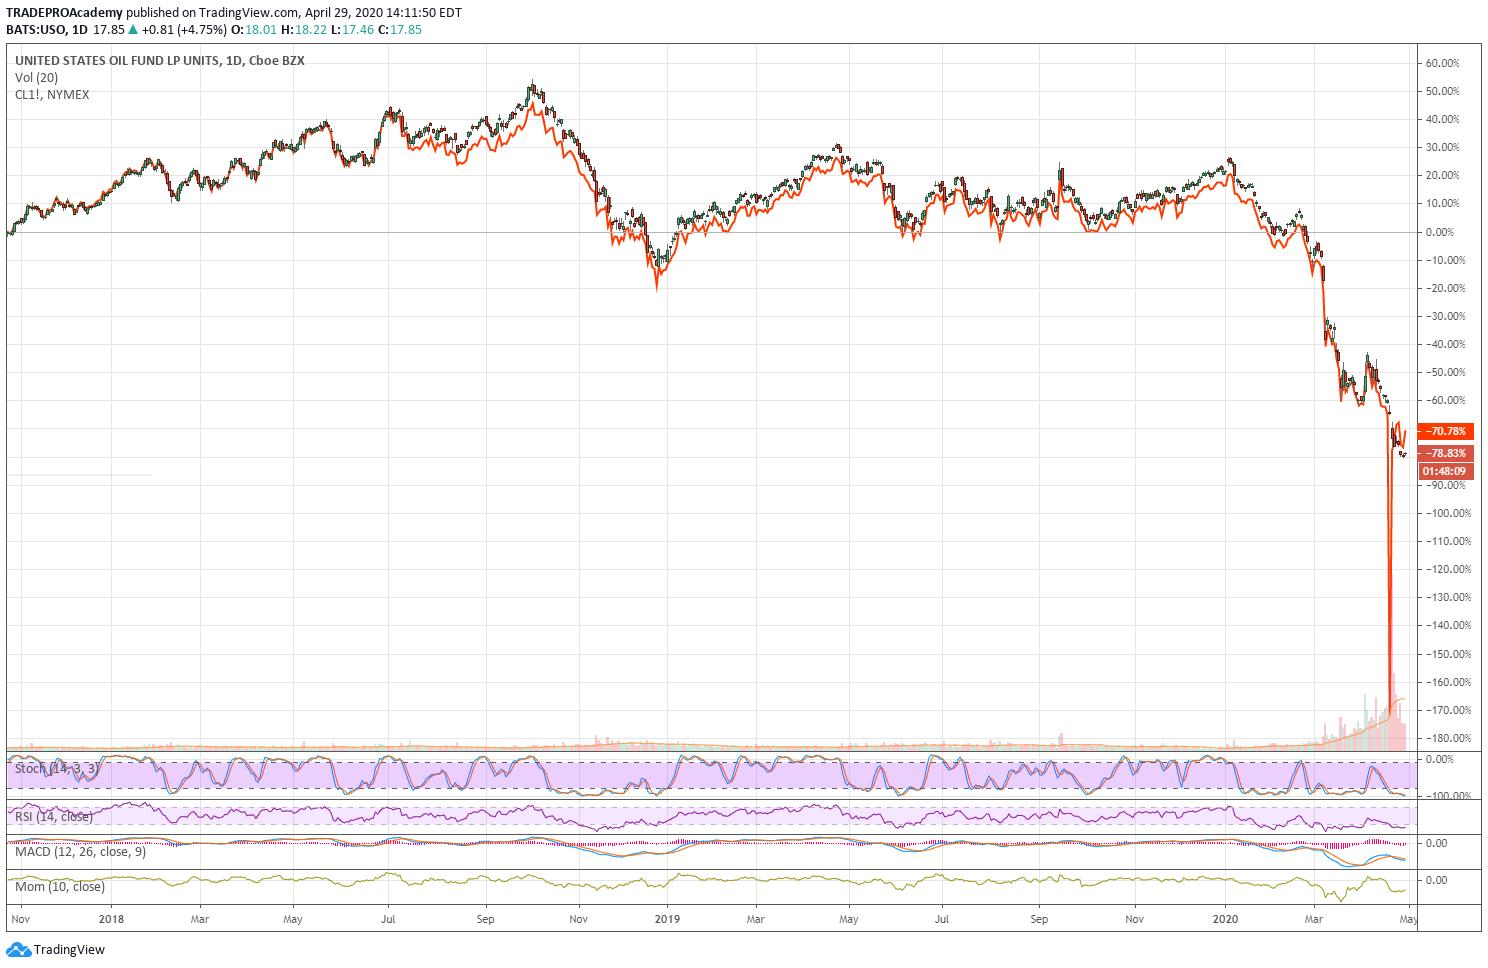 USO oil fund